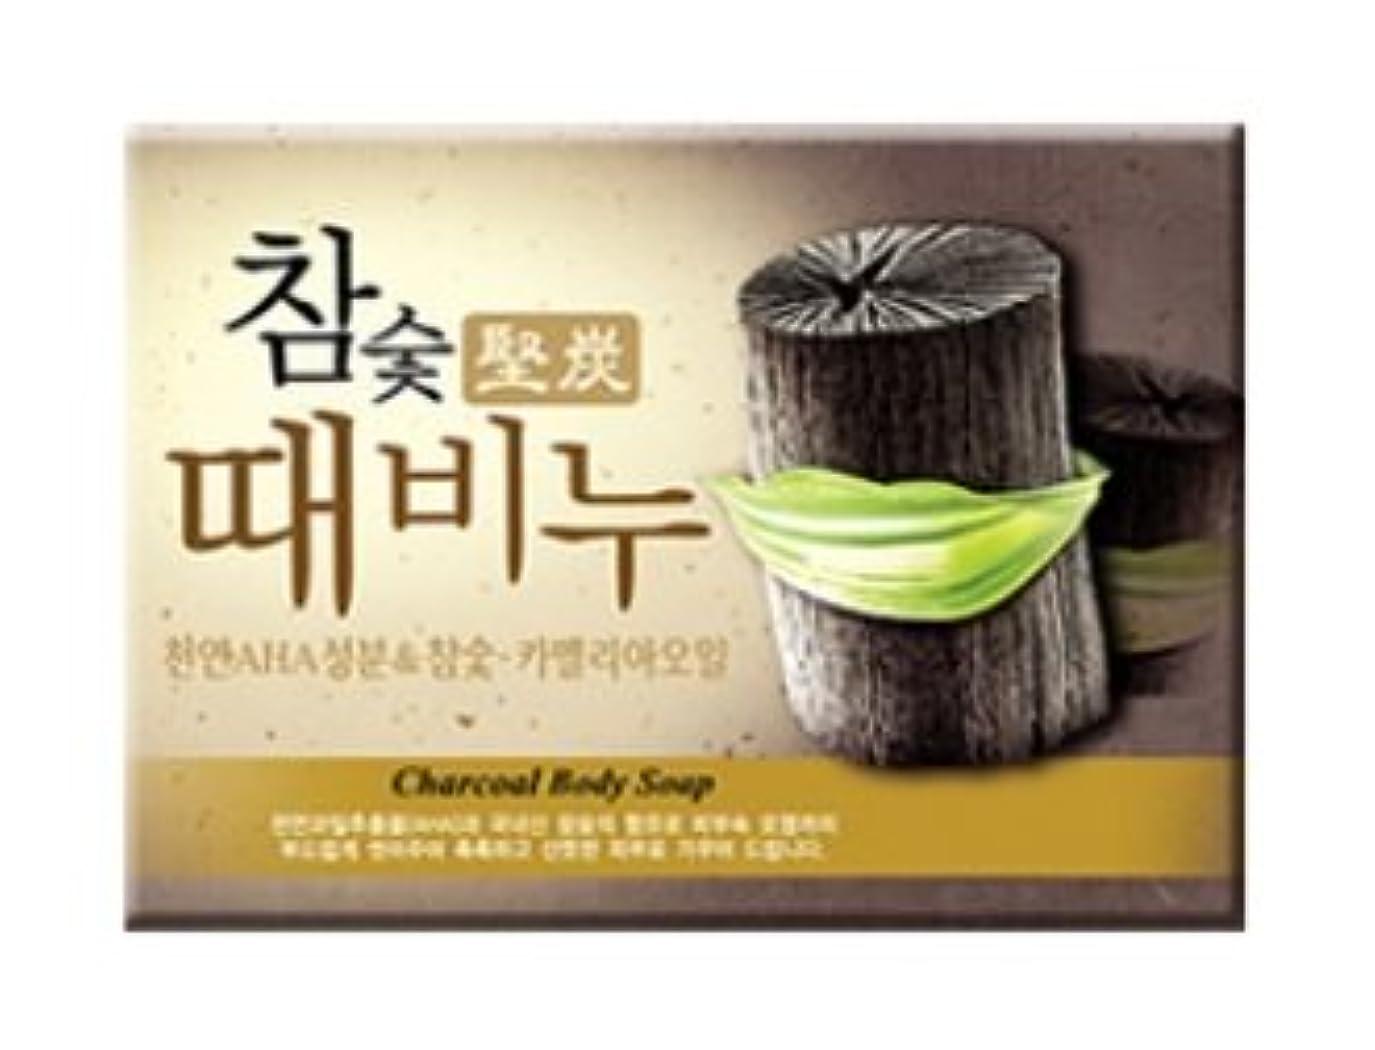 区画しゃがむリッチ堅炭ソープ 100g / Charcoal Body Soap [並行輸入品]